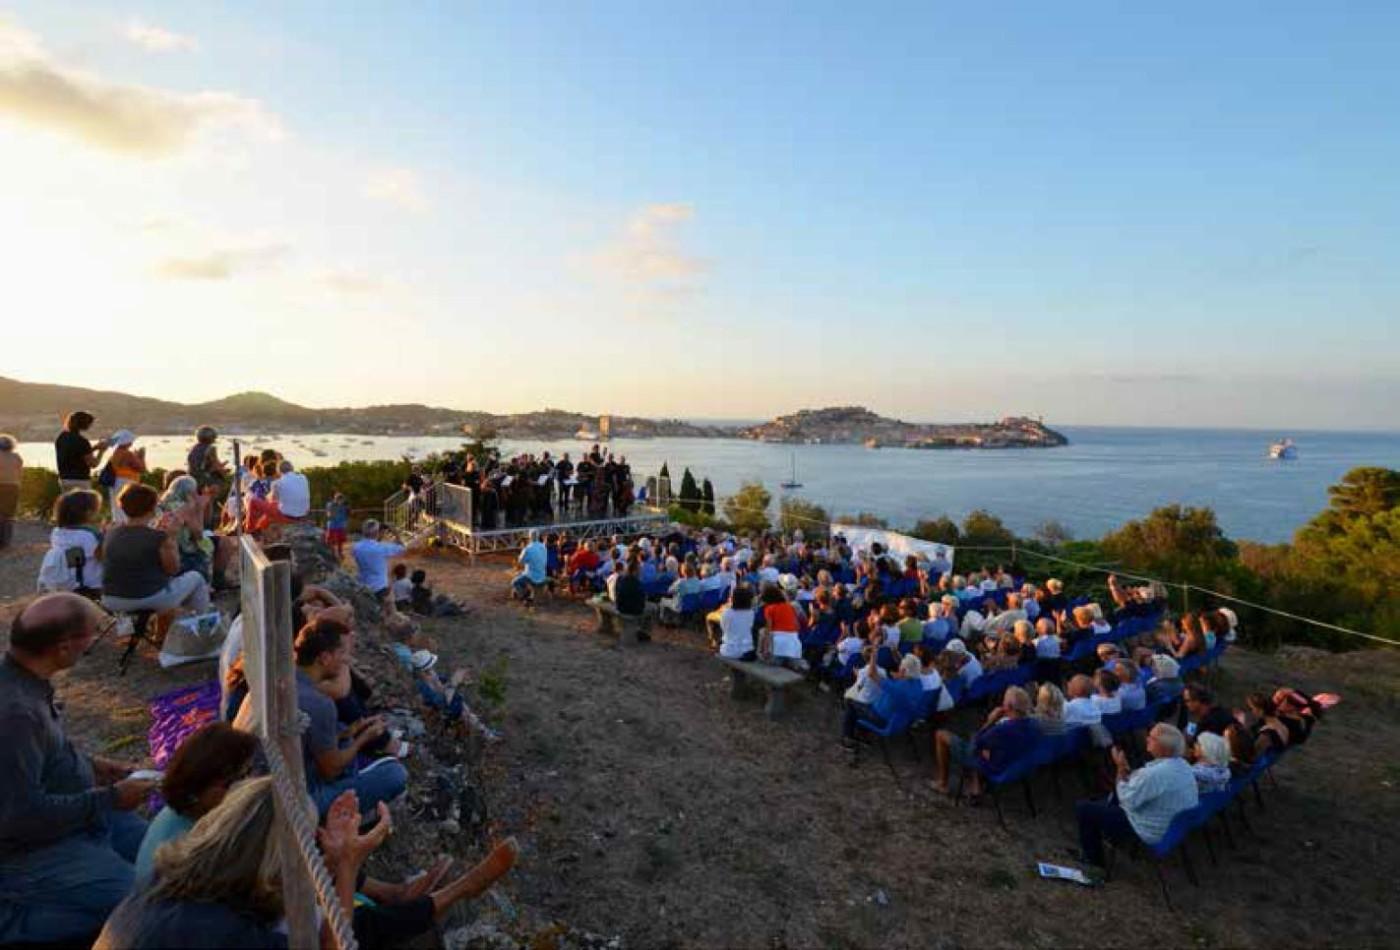 Villa romana delle Grotte, Elba Isola Musicale d'Europa - Festival internazionale della musica www.elba-music.it (foto di George Guida)